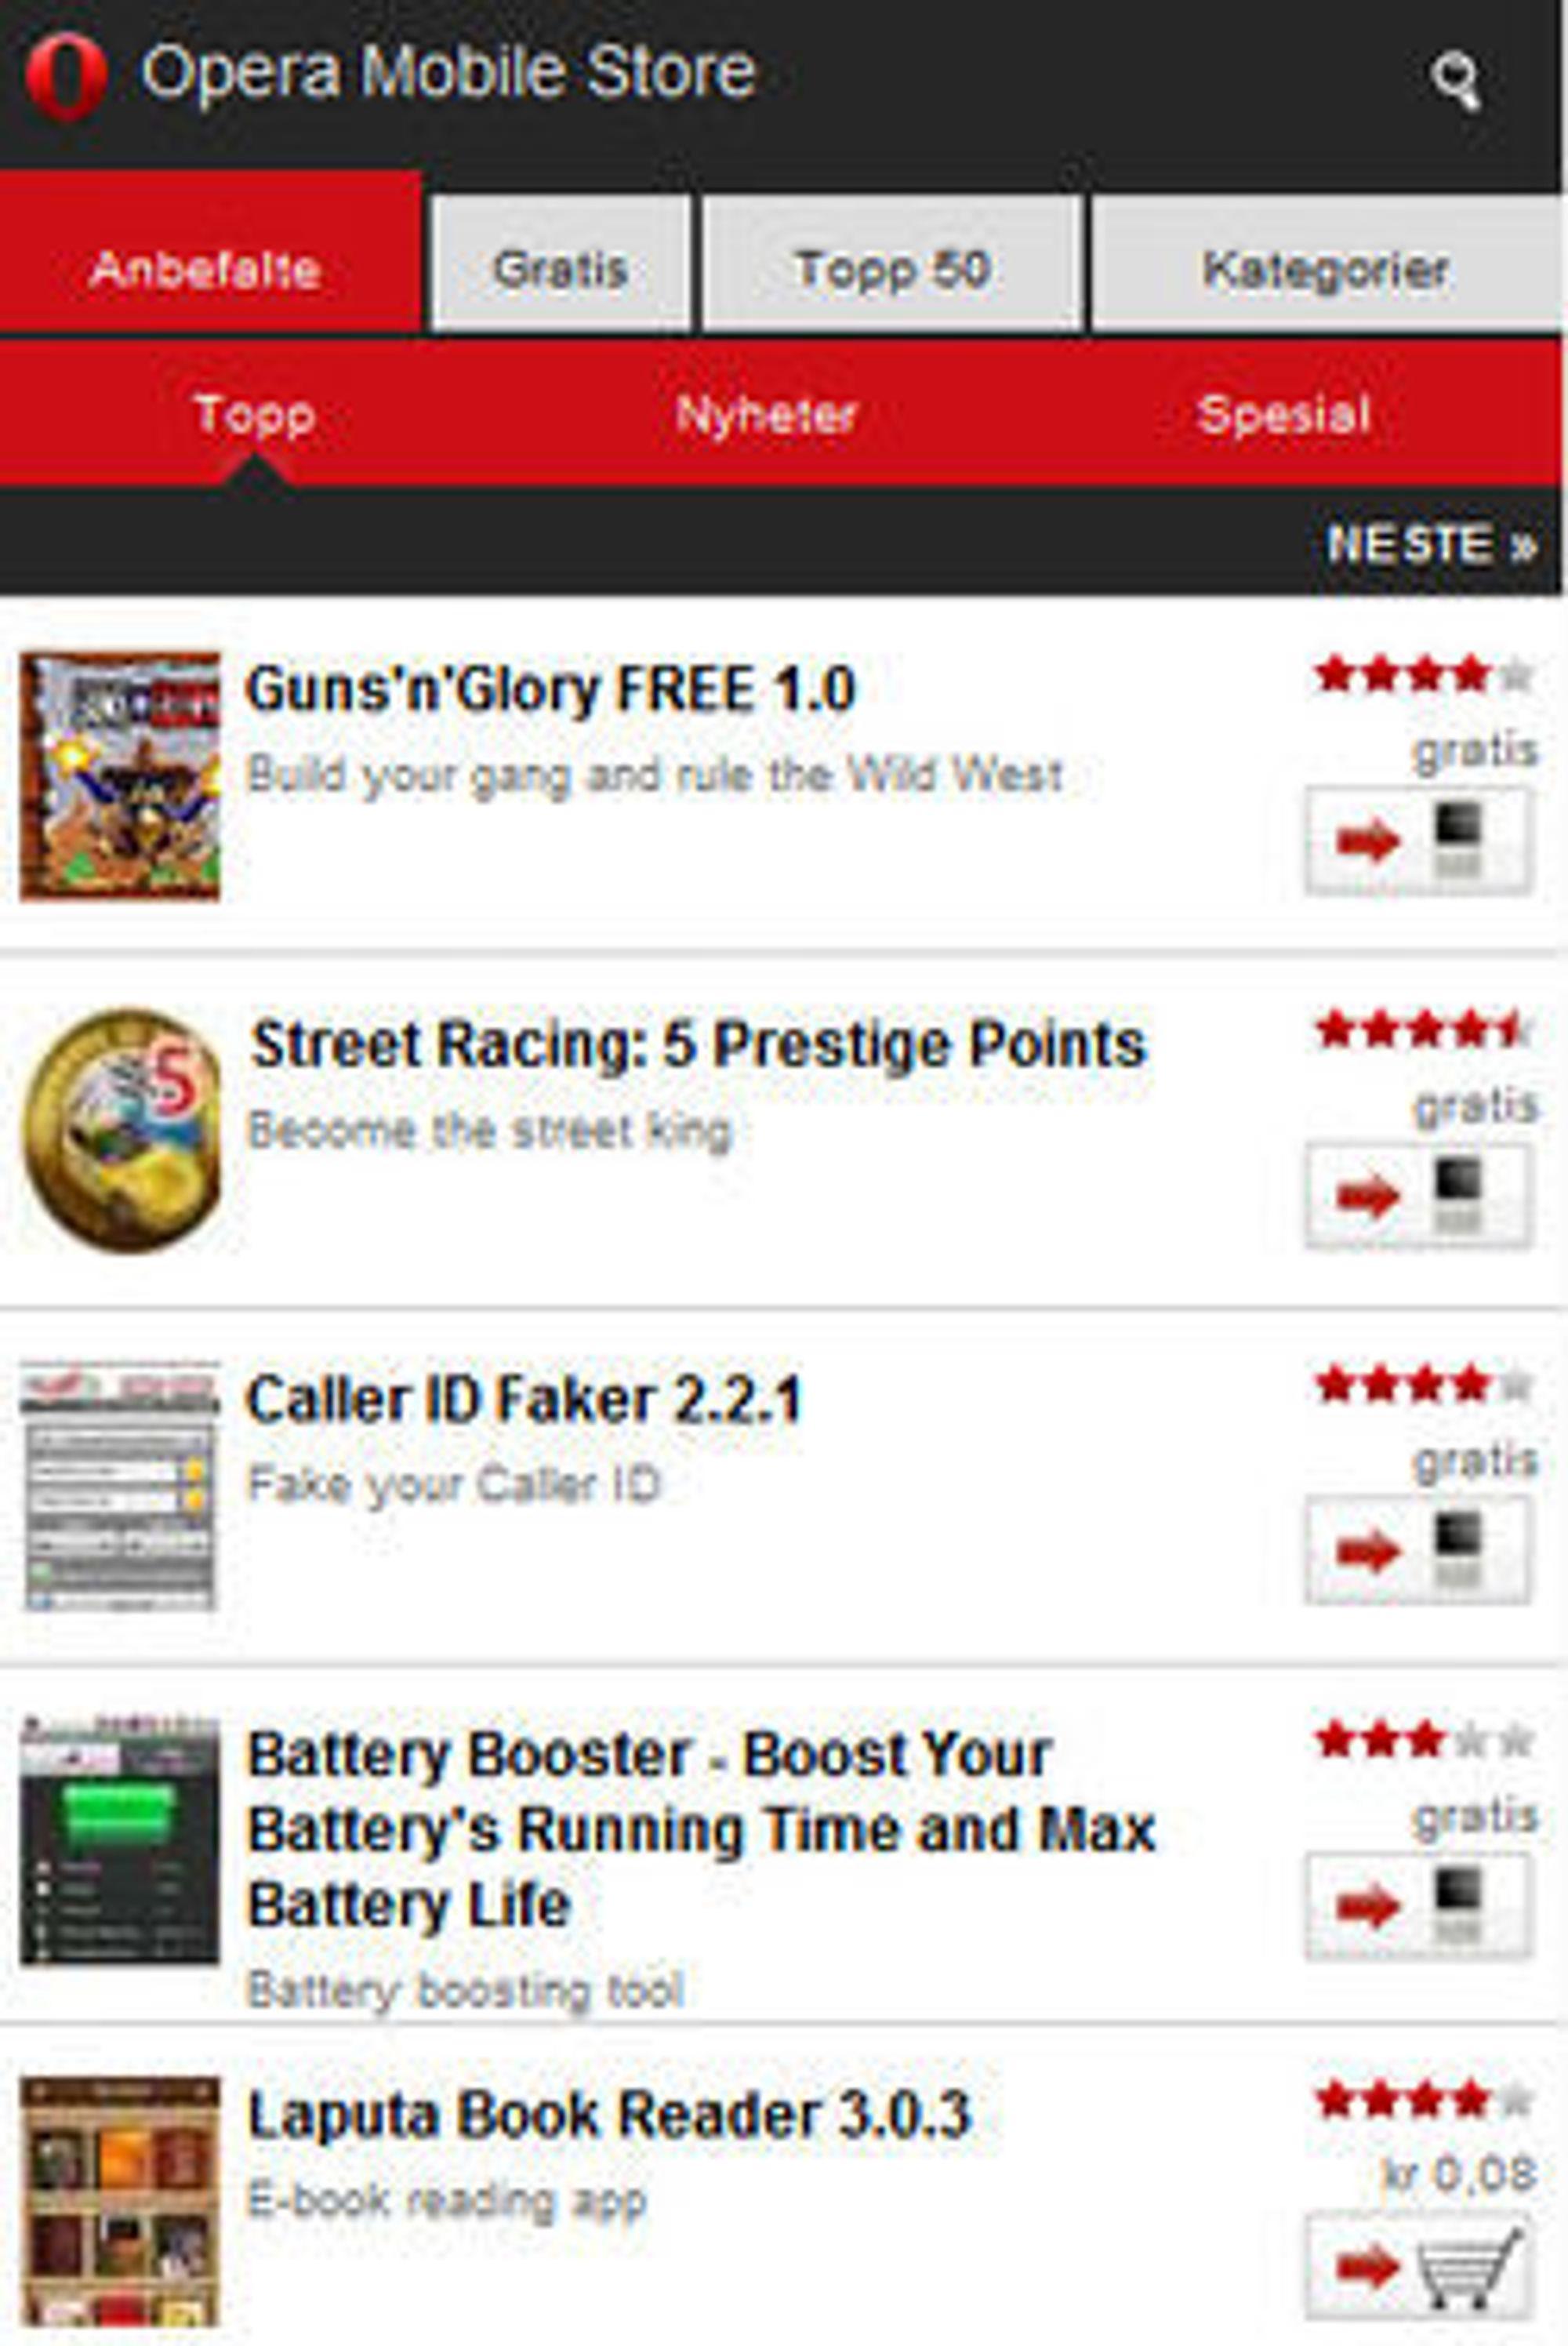 Brukergrensesnittet i Opera Mobile Store.